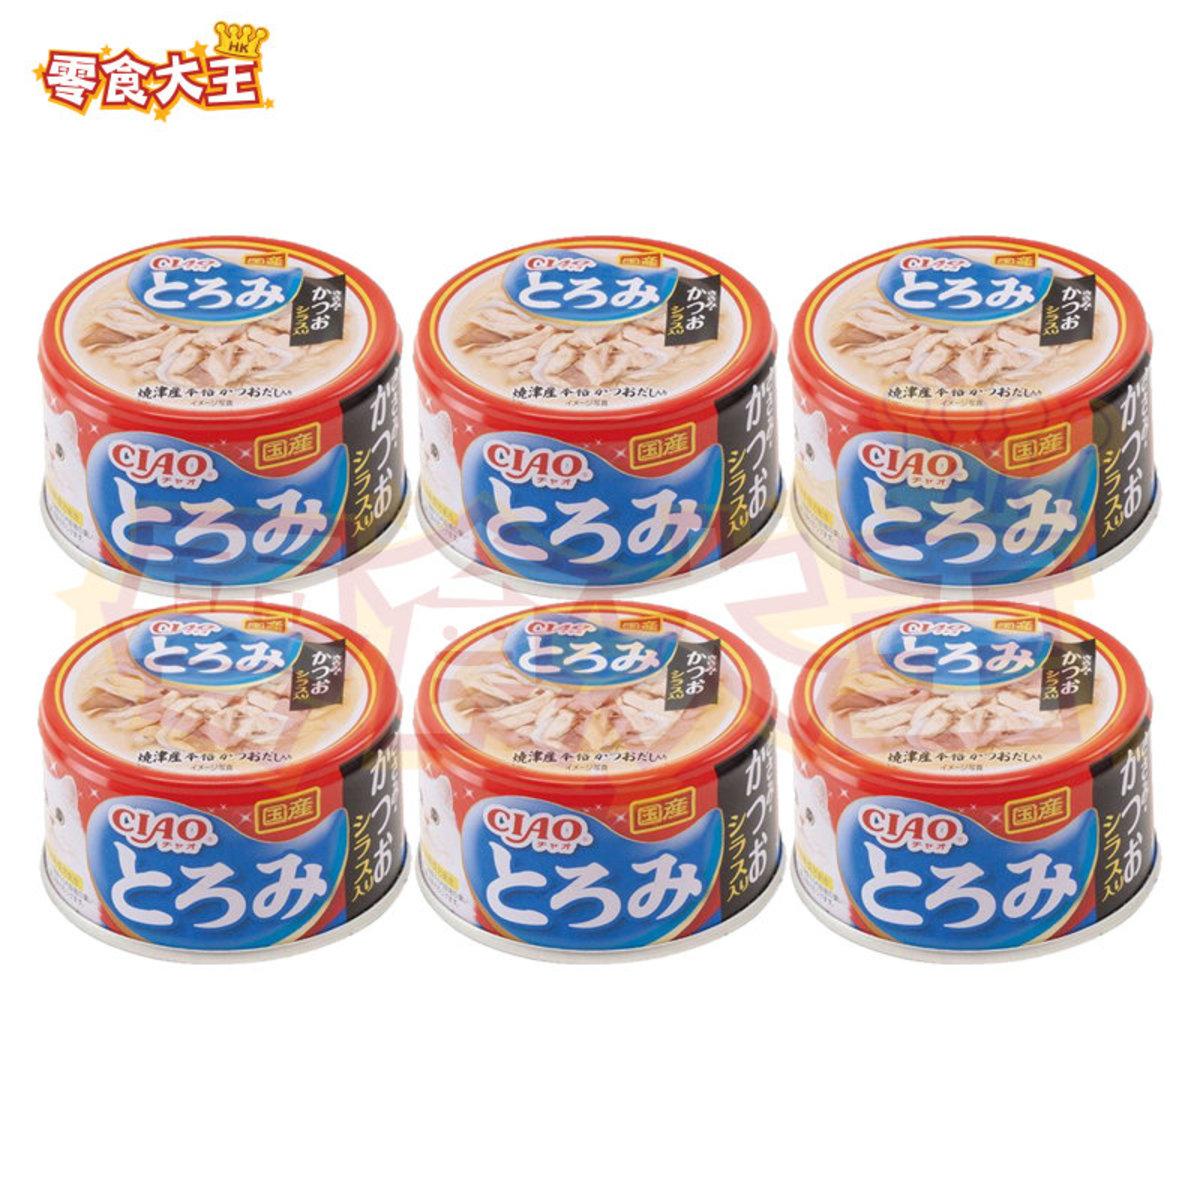 雞胸肉&鰹魚&白飯魚貓罐頭 A-45 80g x 6罐 (4901133061790_6)